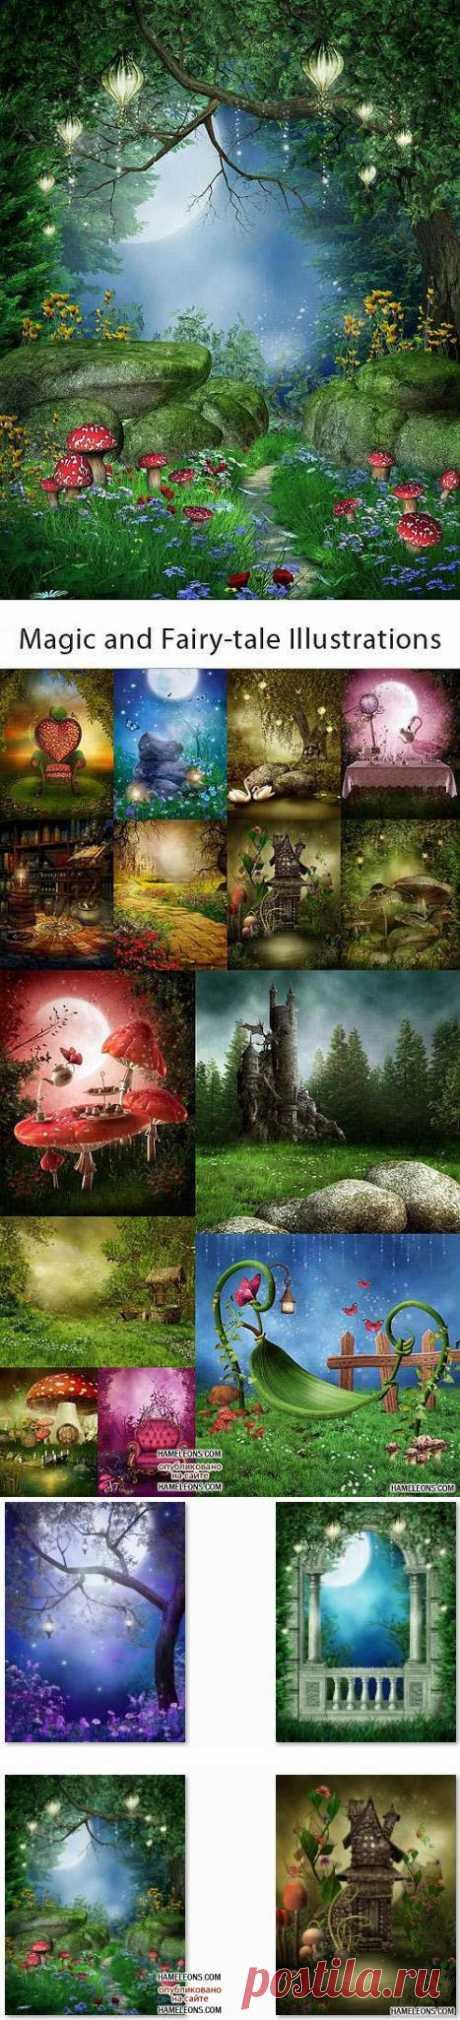 Сказочная природа - фоны для Фотошоп | Fairy tale nature backgrounds » Портал графики и дизайна: векторный и растровый клипарт, уроки, фоторамки, шаблоны для Фотошоп скачать бесплатно на HAMELEONS.COM